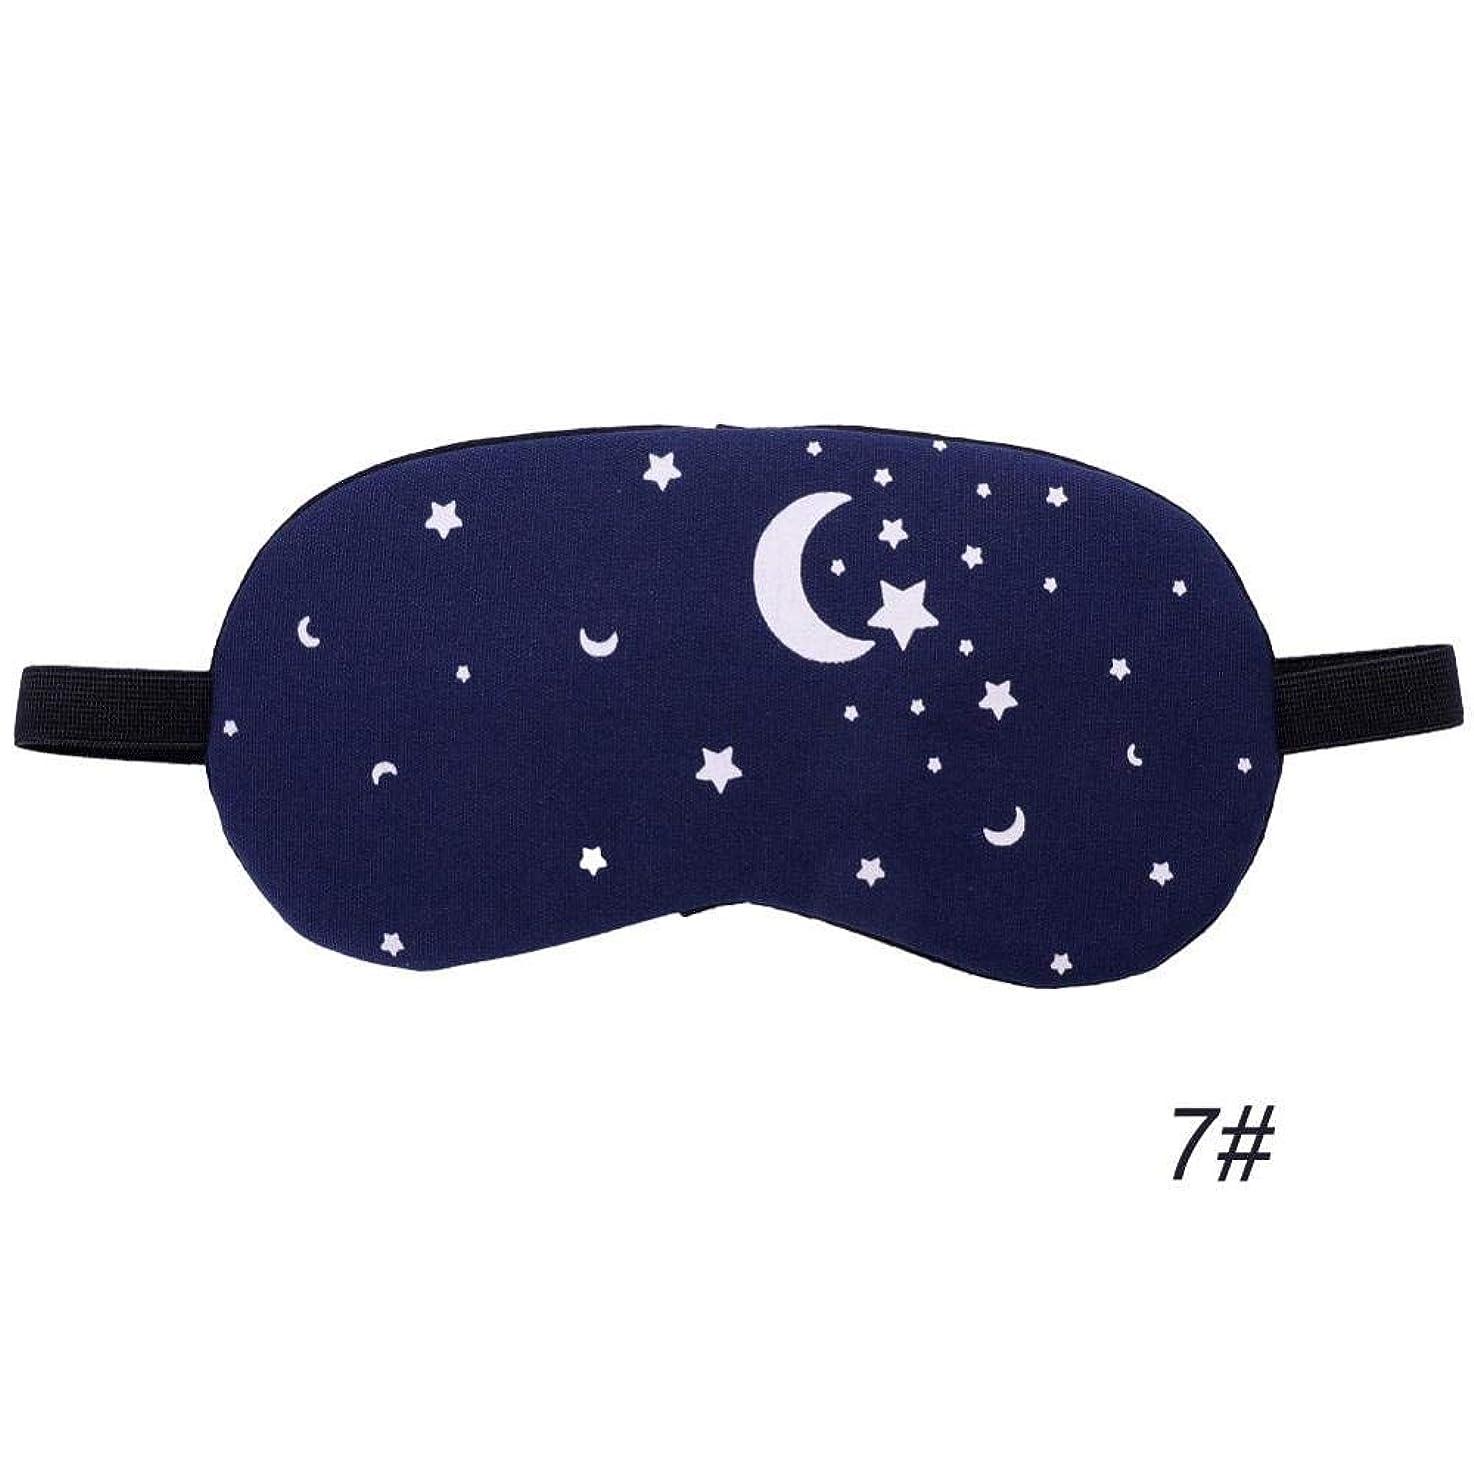 ヒット怠けた事実上NOTE 睡眠マスクアイパッチソフトアイ睡眠マスクファッションストライプムーンスタイル創造的な旅行リラックスした睡眠補助薬目隠し#280206